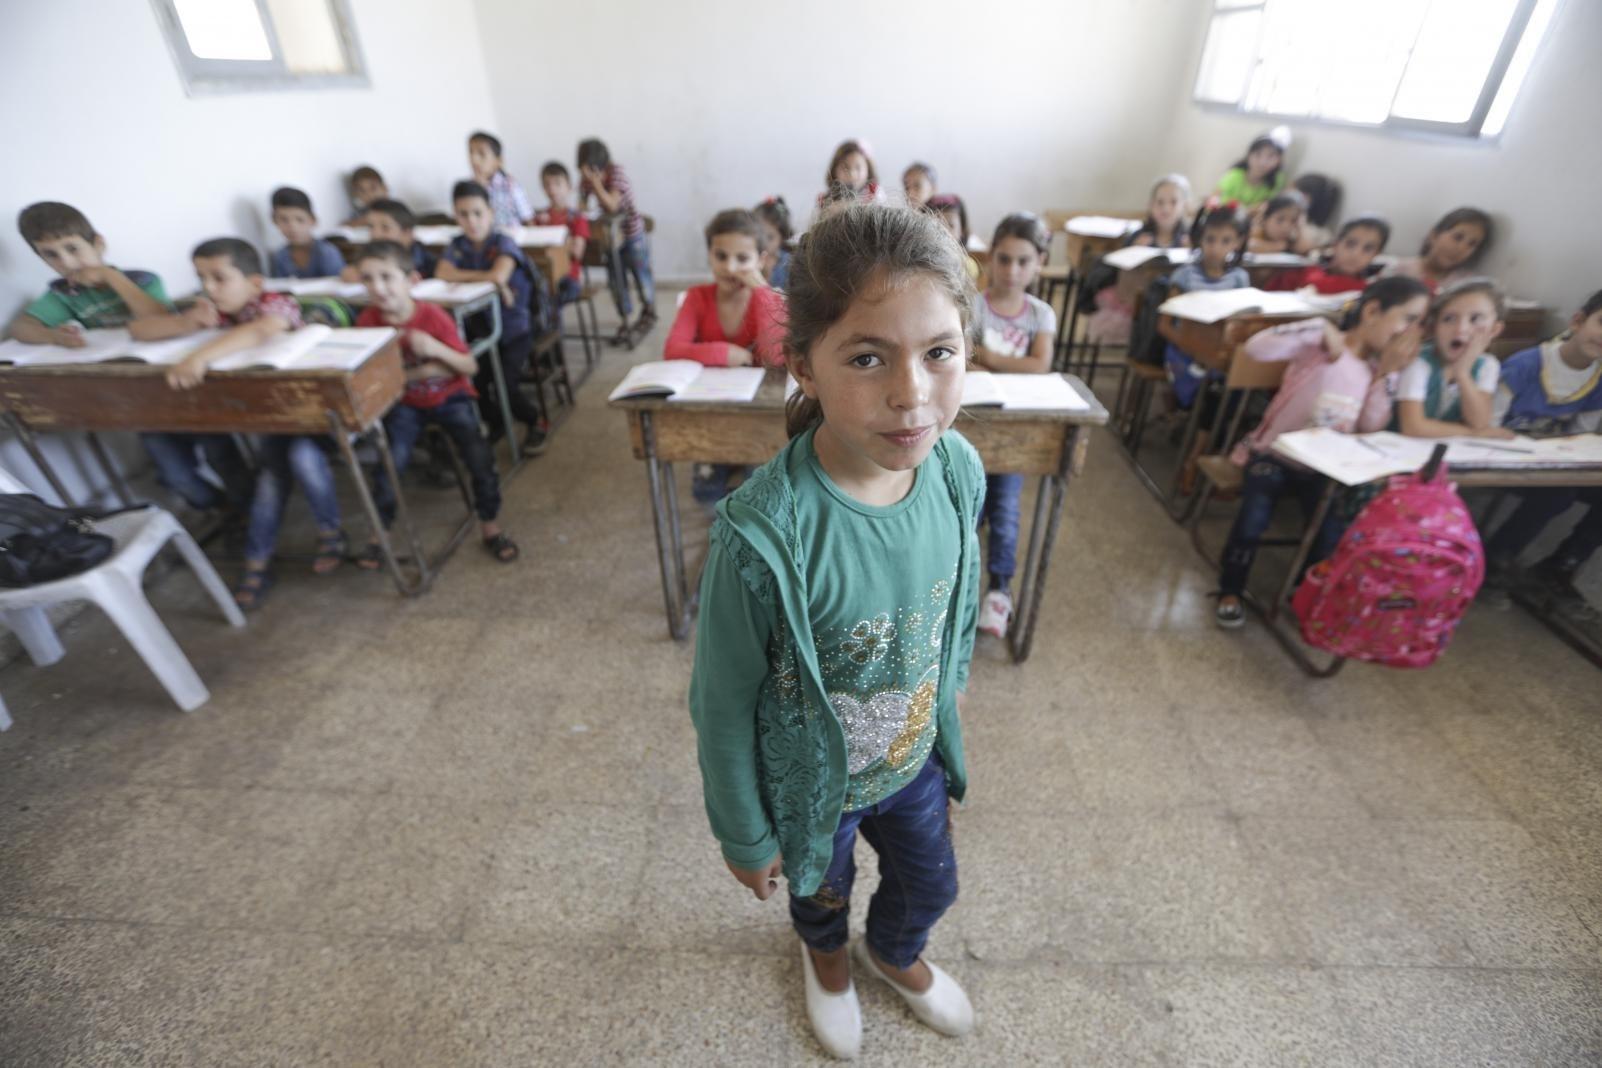 المجموعات المسلحة تمنع طلاباً سوريين من العبور لمراكز الامتحانات